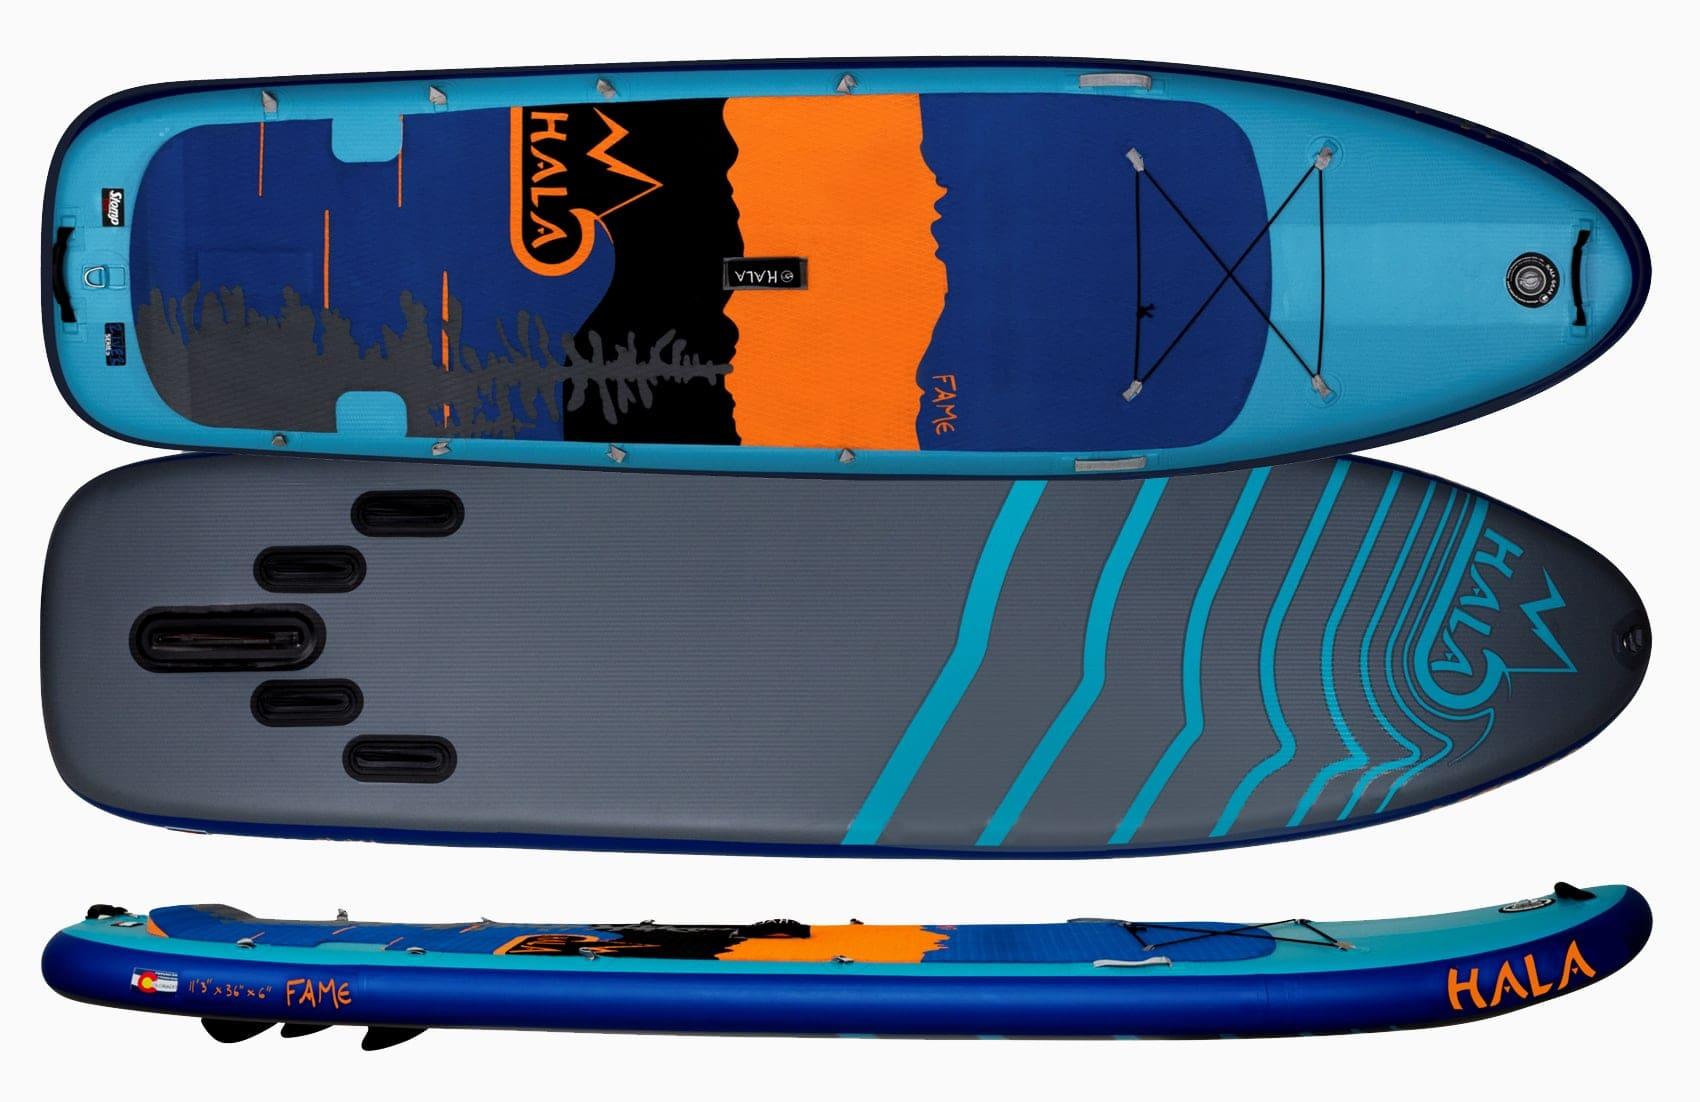 Hala Fame Inflatable SUP